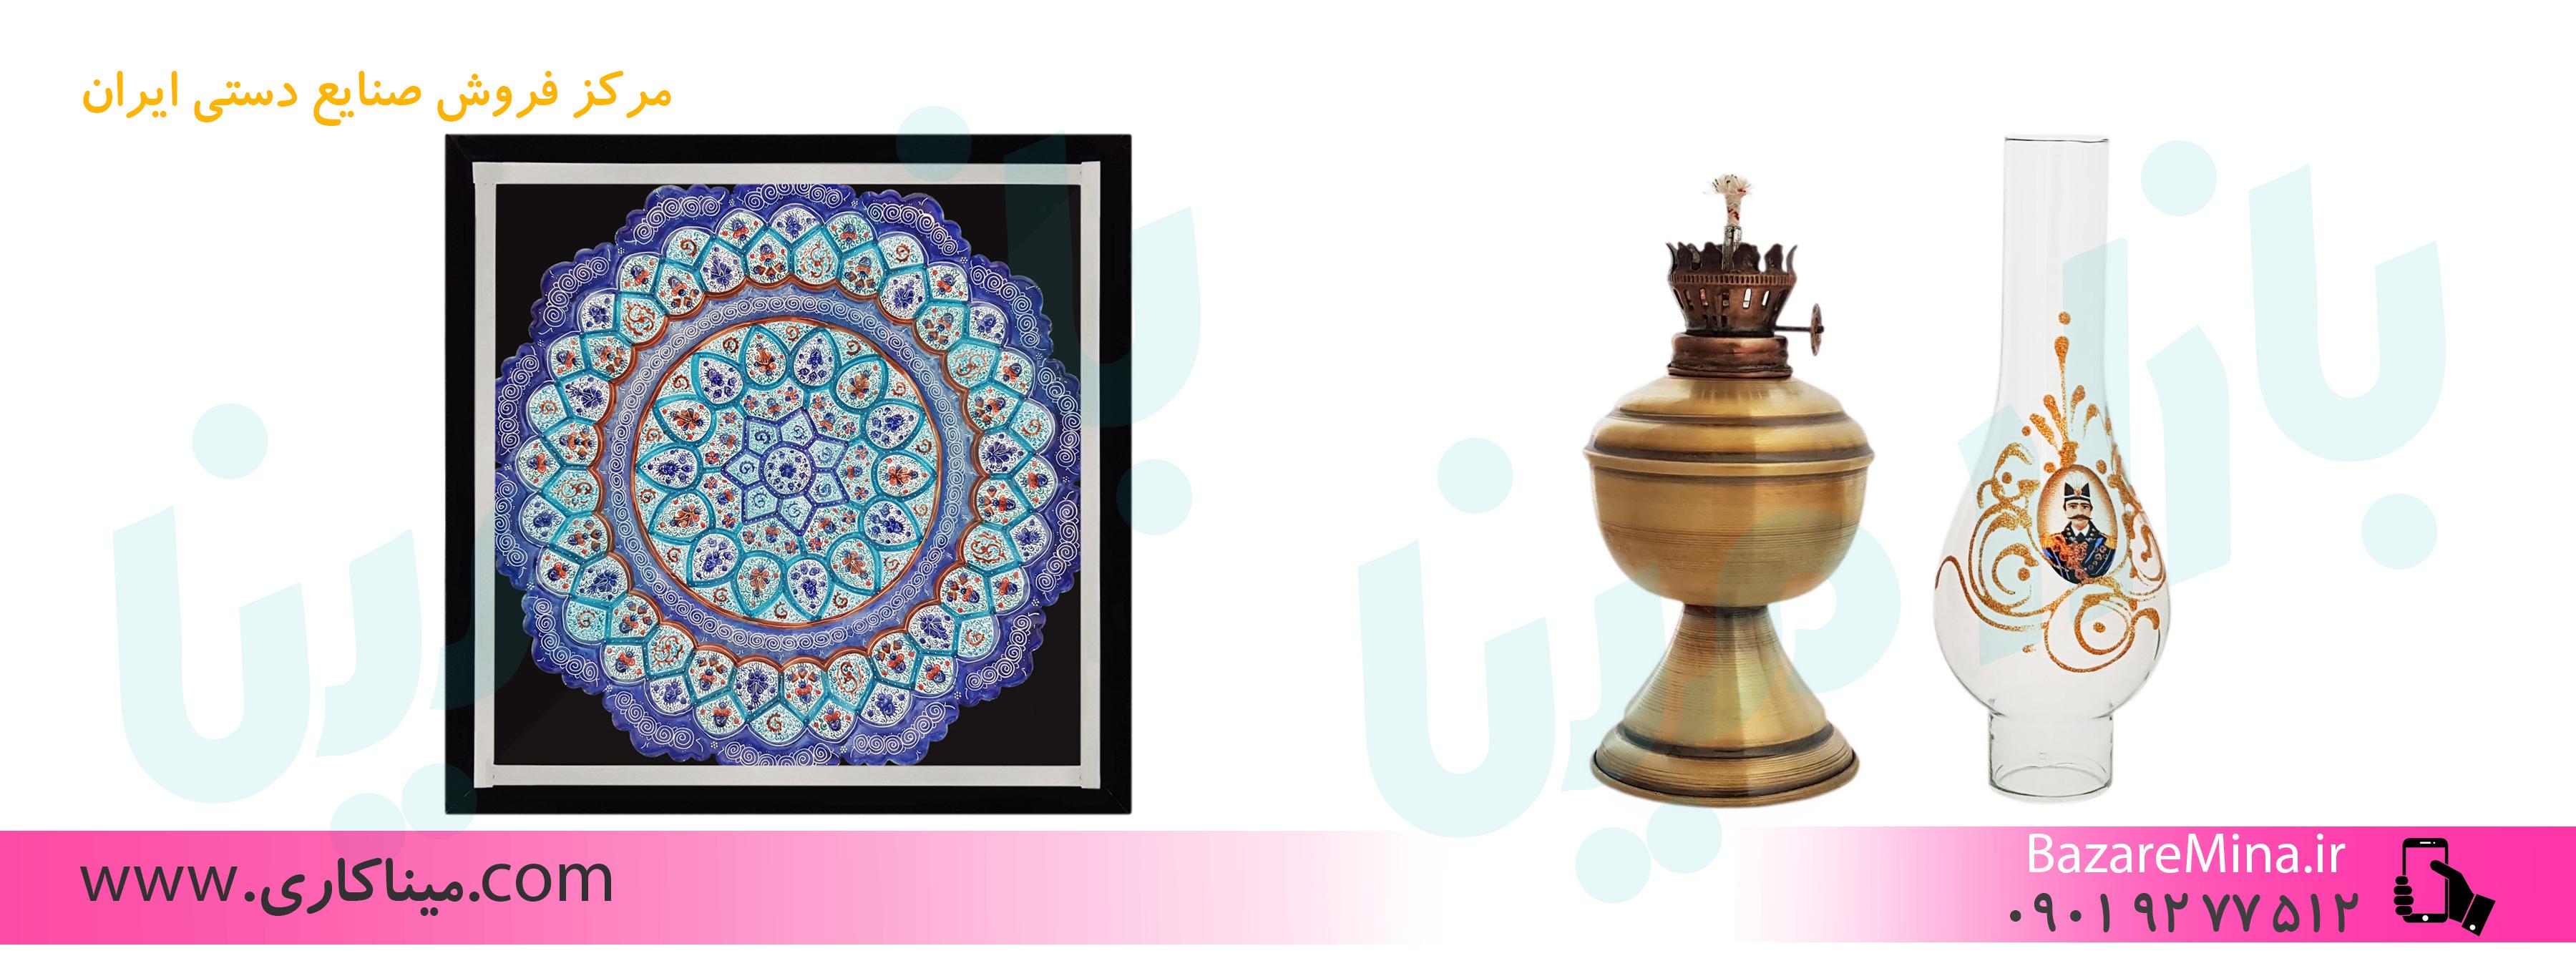 فروش عمده میناکاری در اصفهان